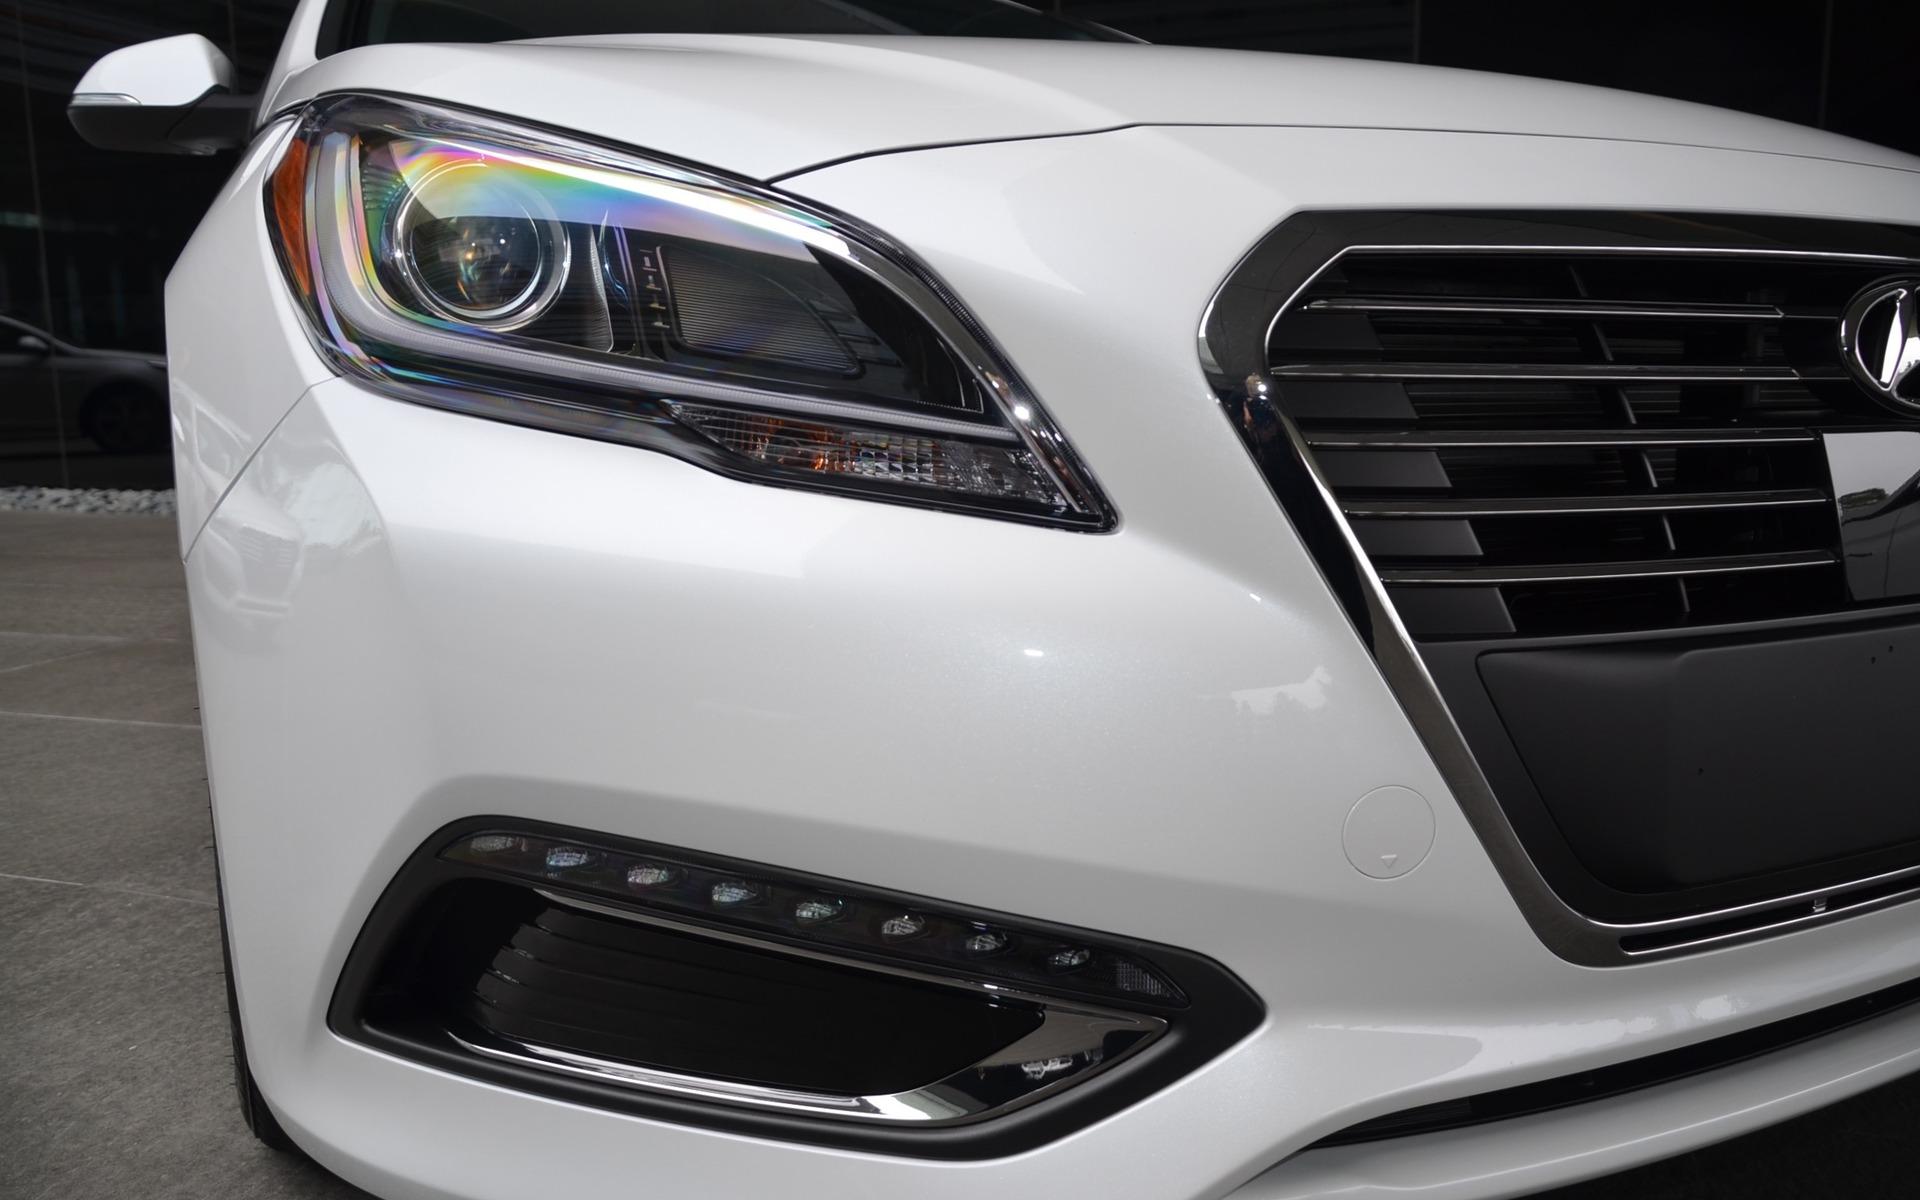 Hyundai Sonata Hybride branchable 2016 - Détail de la partie avant